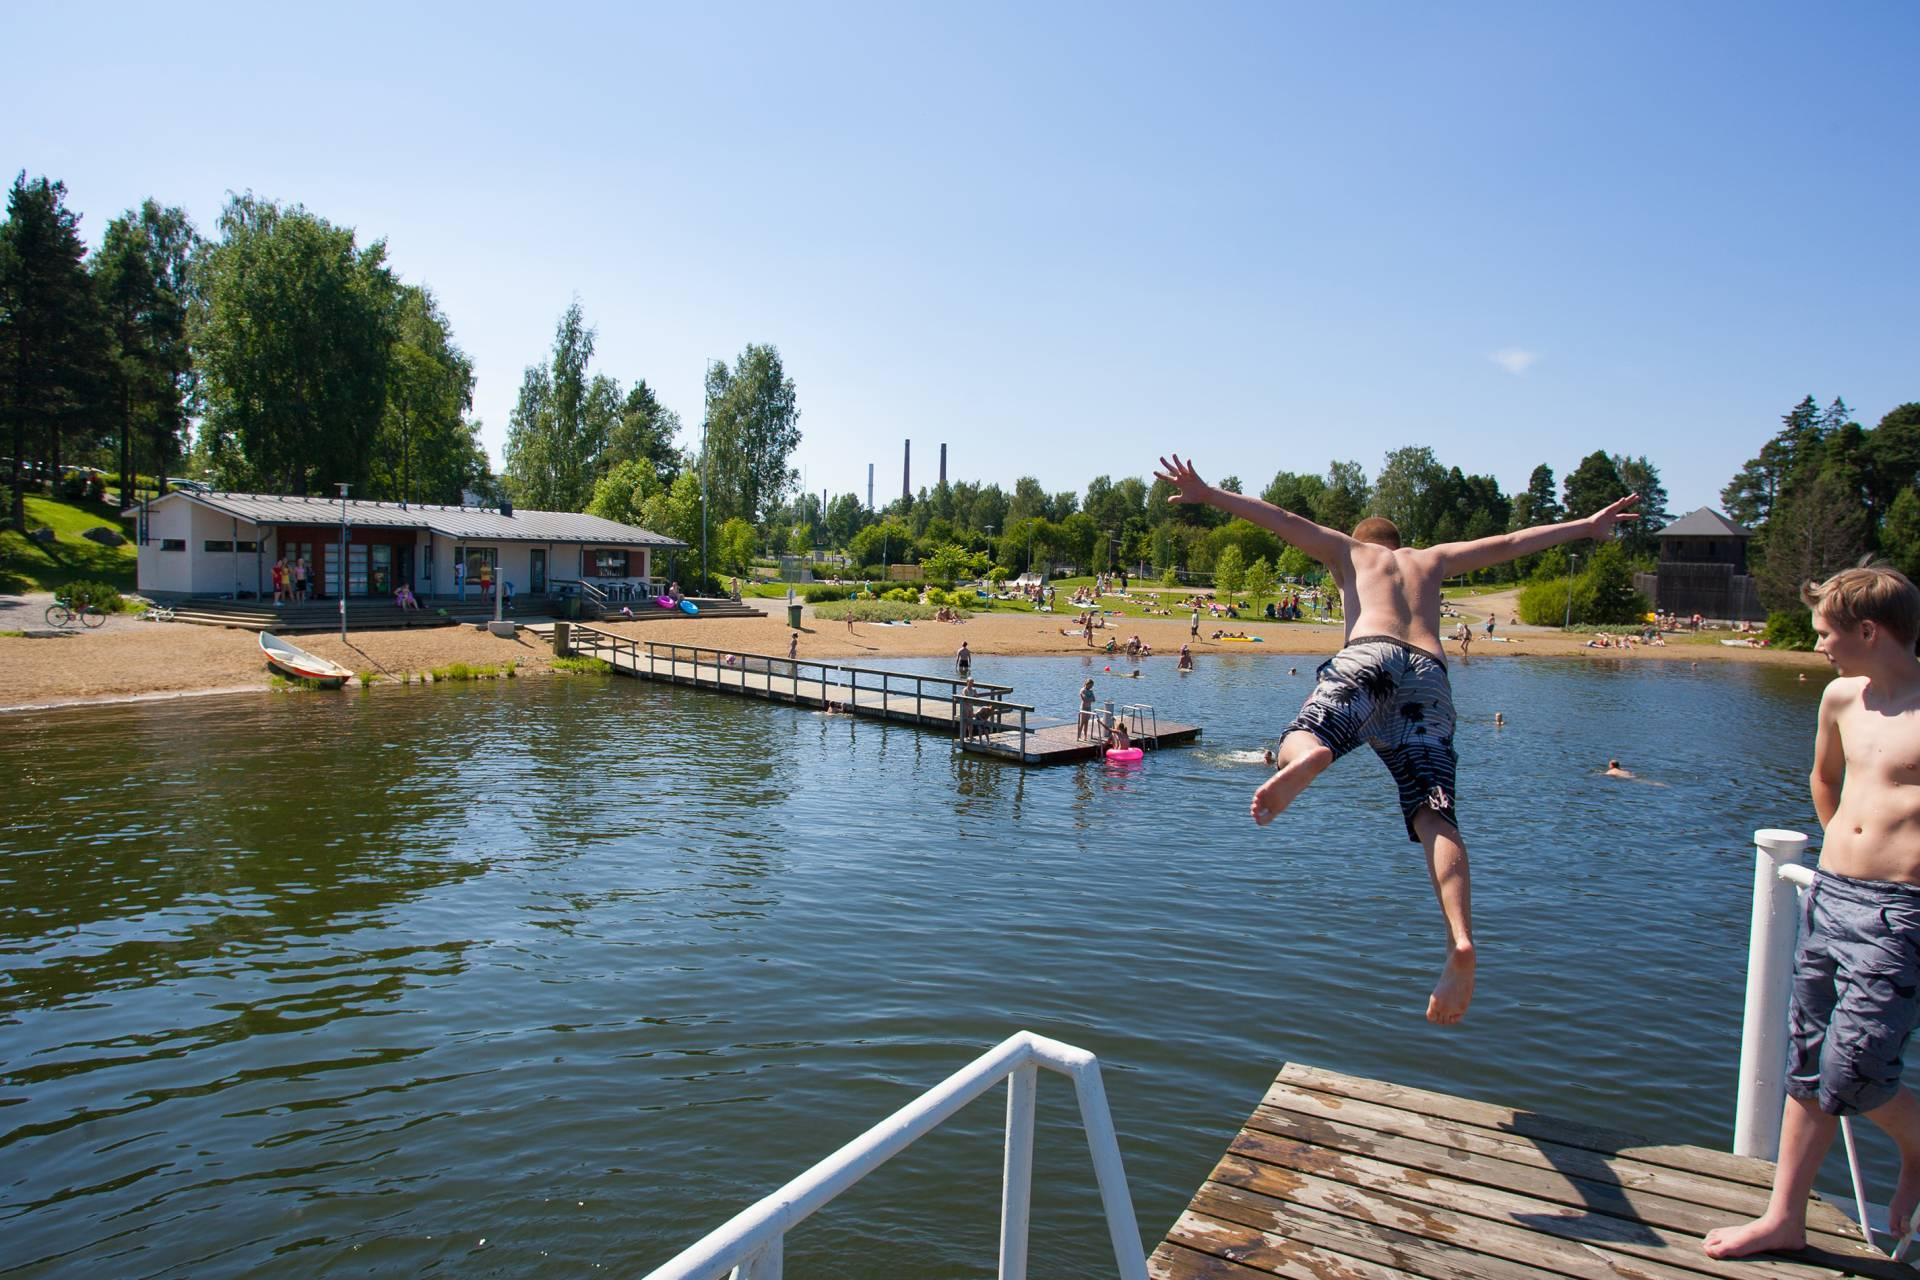 Mies hyppää uimahypyn veteen Apianniemen uimarannan laiturilta